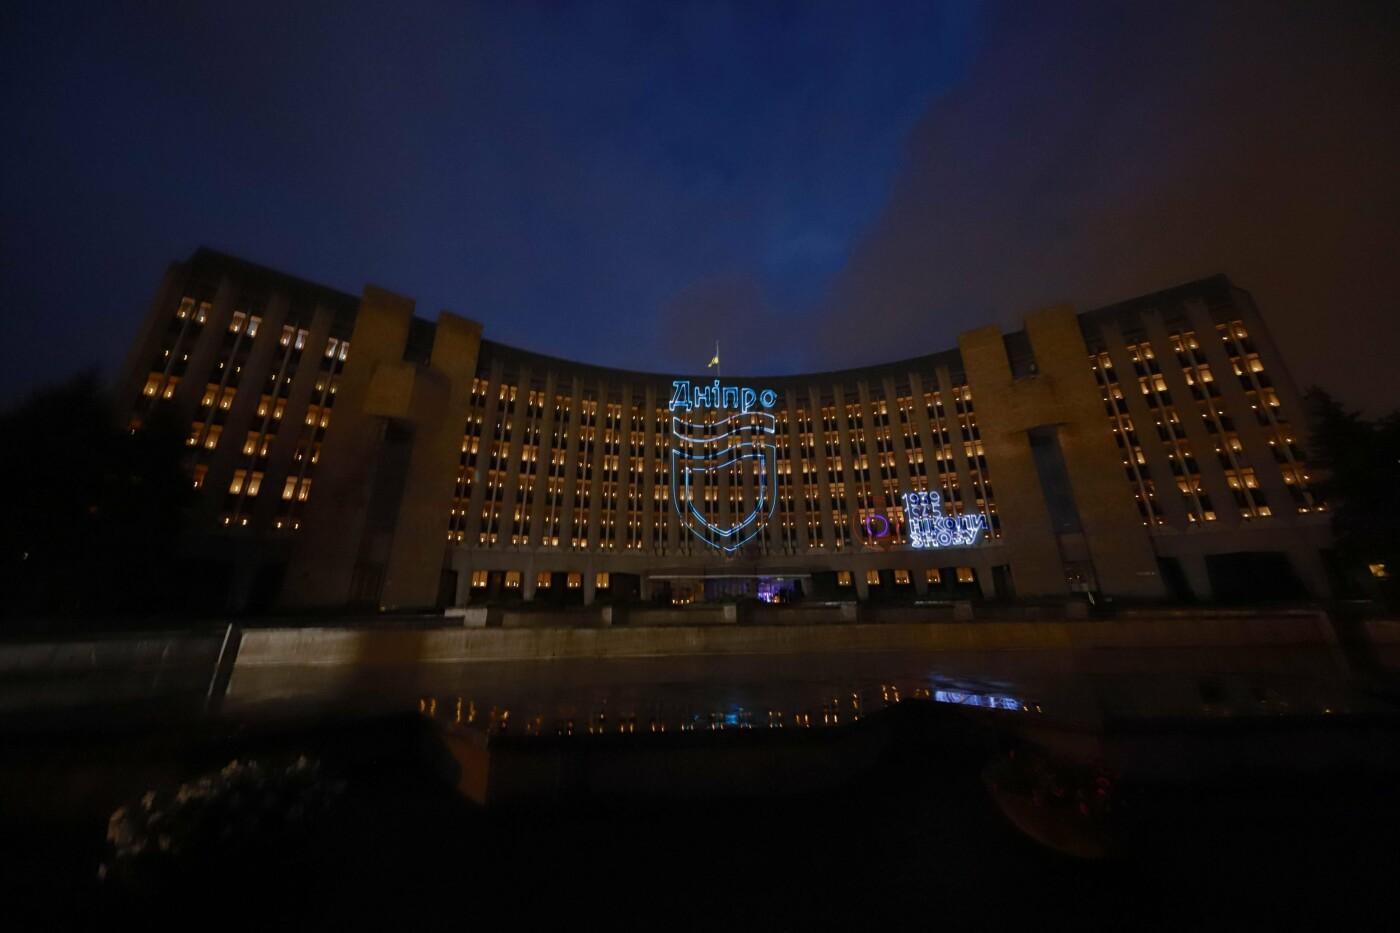 В Днепре на здании горсовета транслировали лазерную проекцию с именами героев, - ФОТО, фото-1